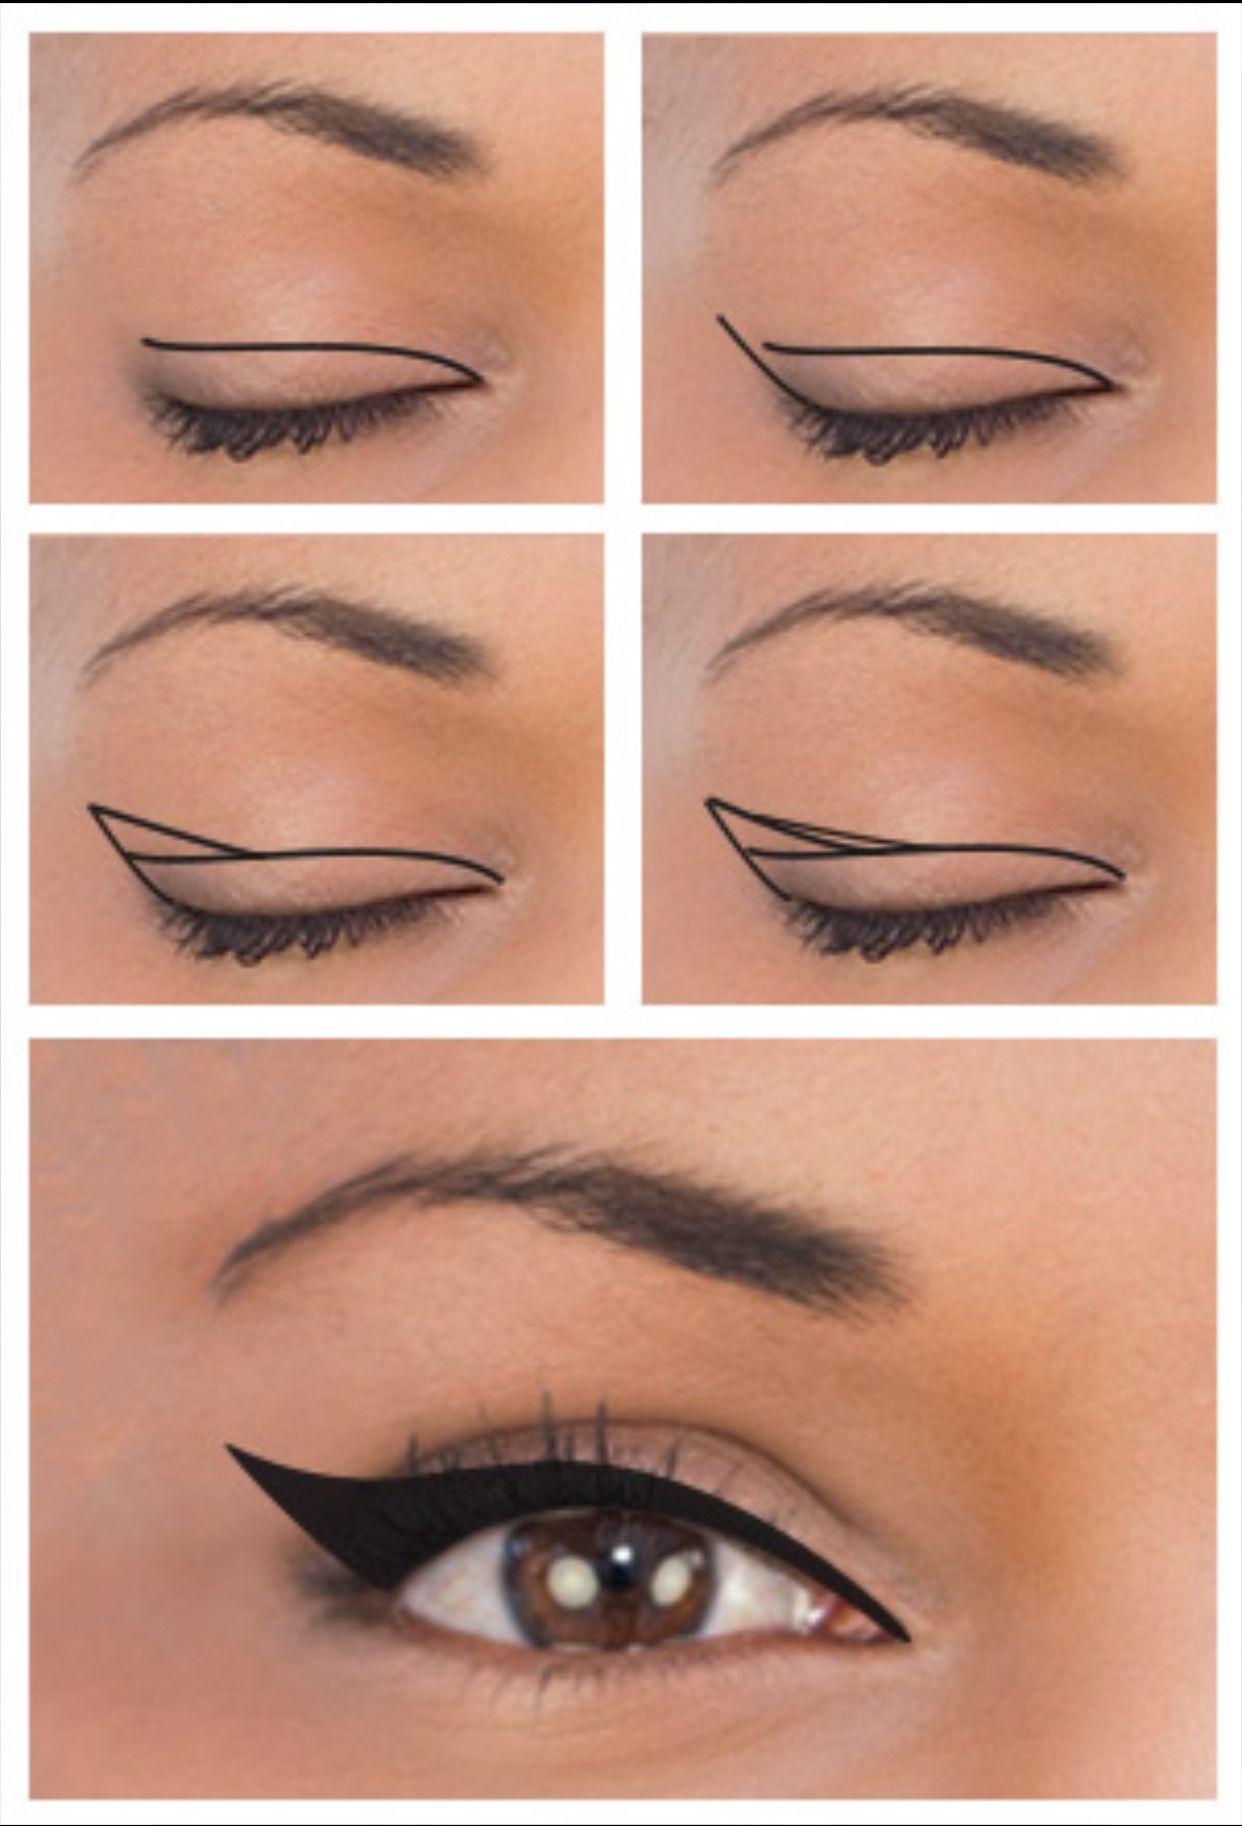 Liner for downturned eyes Eyeliner for downturned eyes